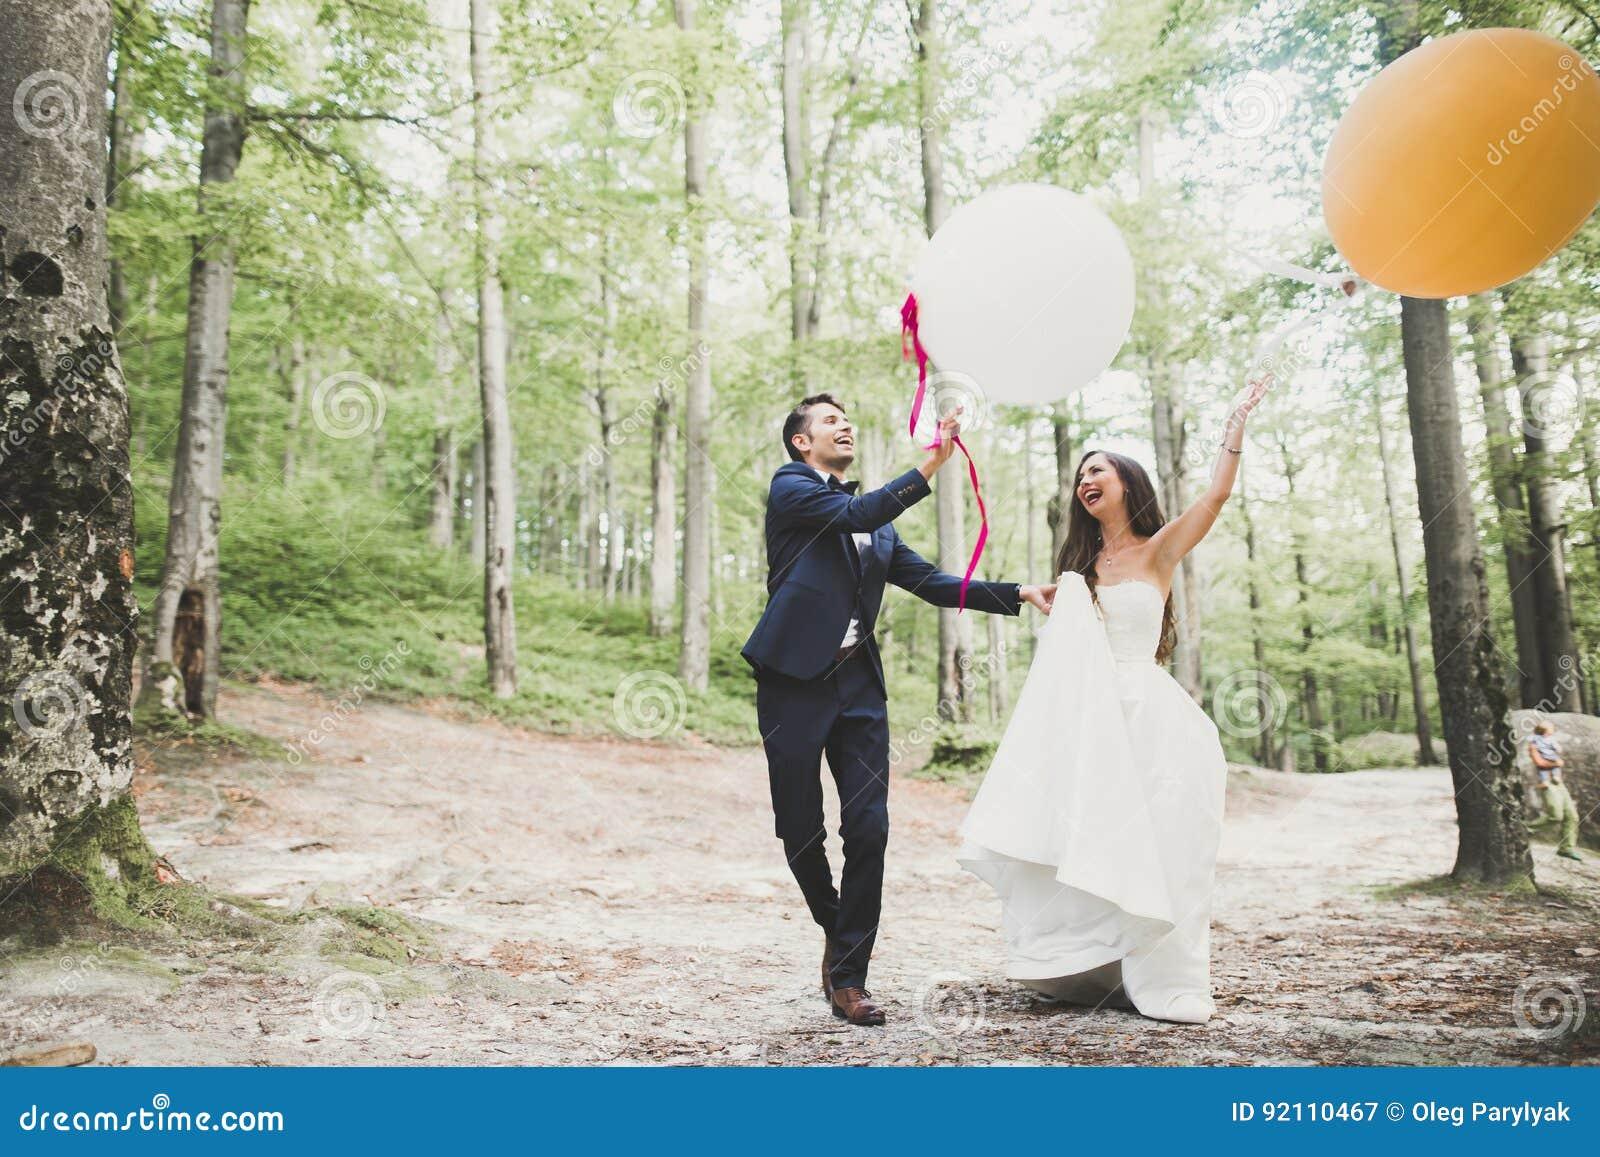 Junge lustige glückliche Hochzeitspaare draußen mit Ballons